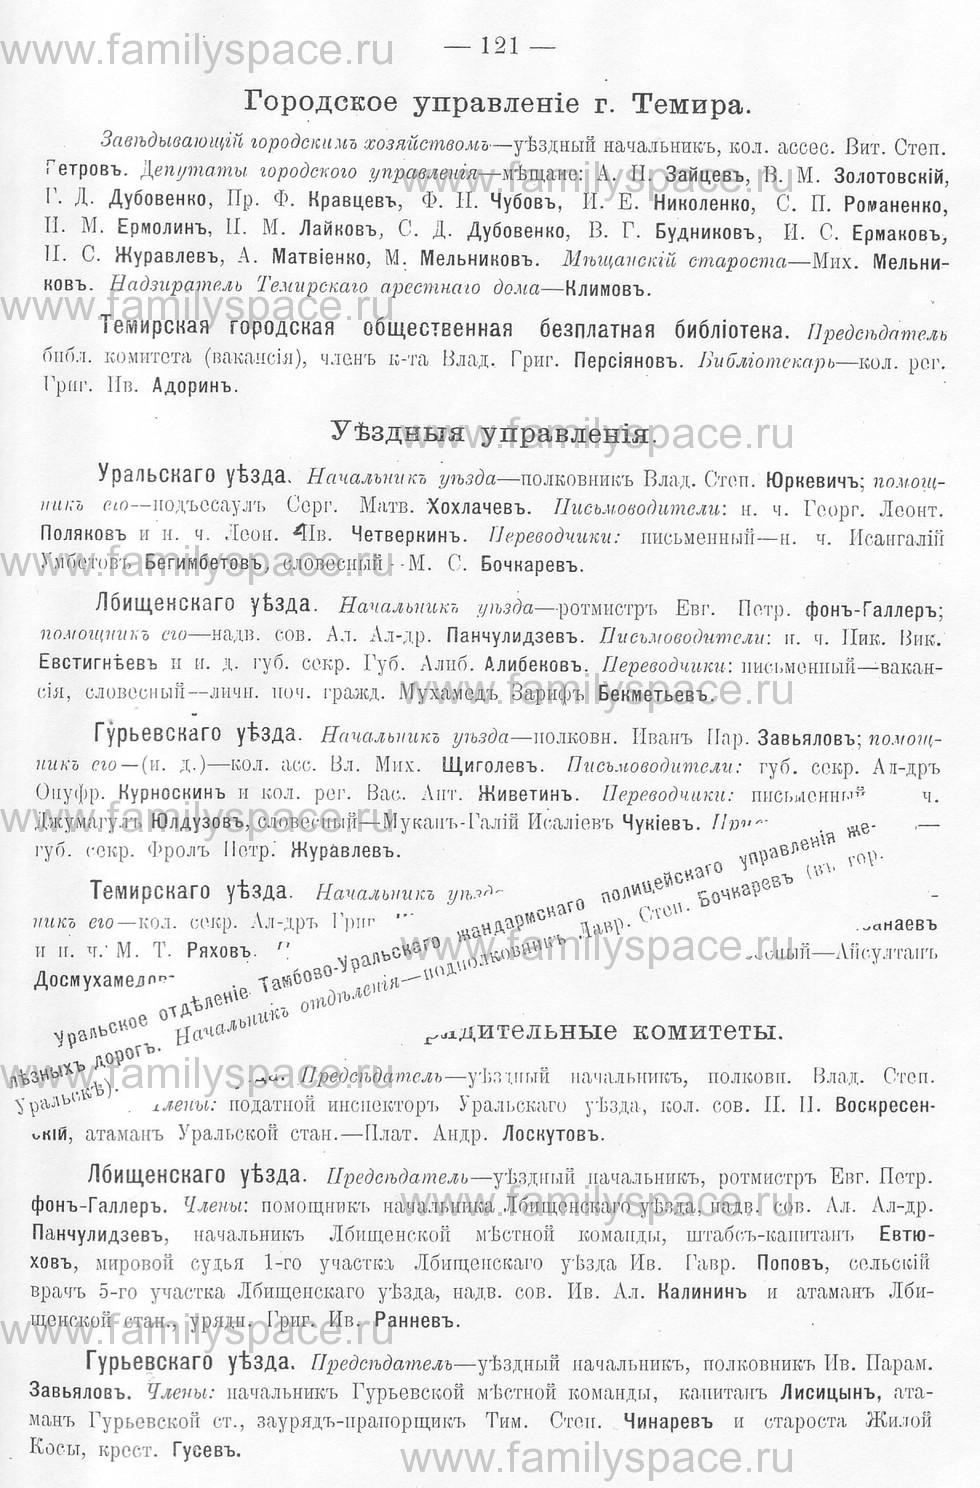 Поиск по фамилии - Памятная книжка Уральской области на 1913 год, страница 121